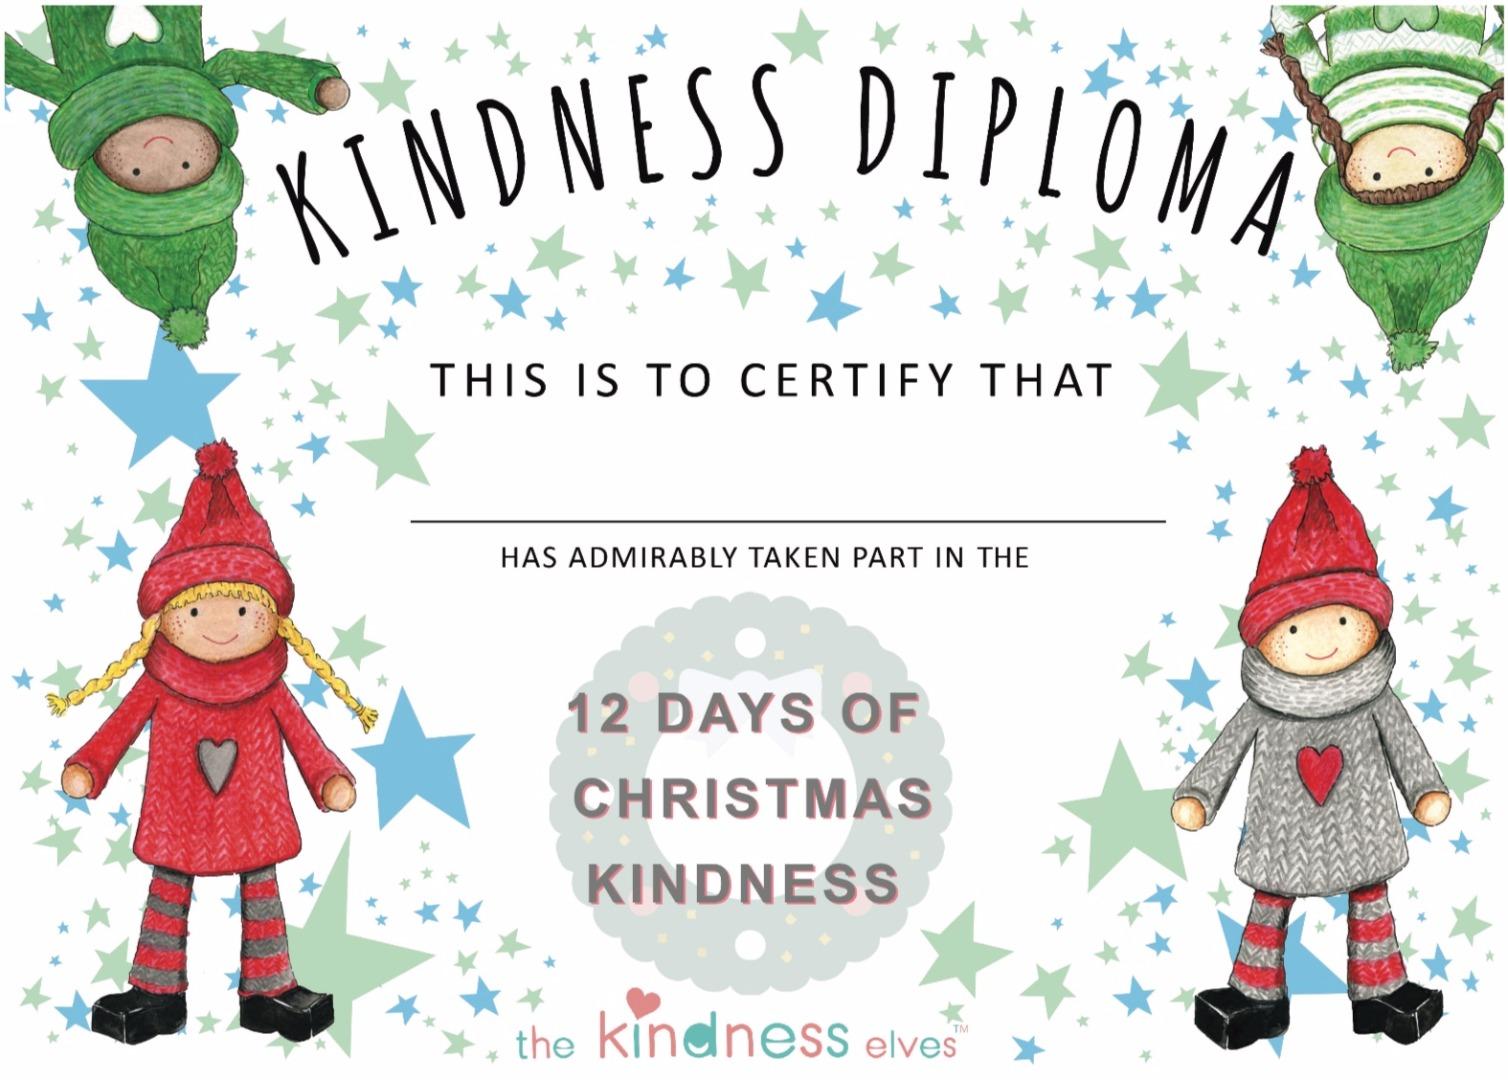 Kindness Diploma